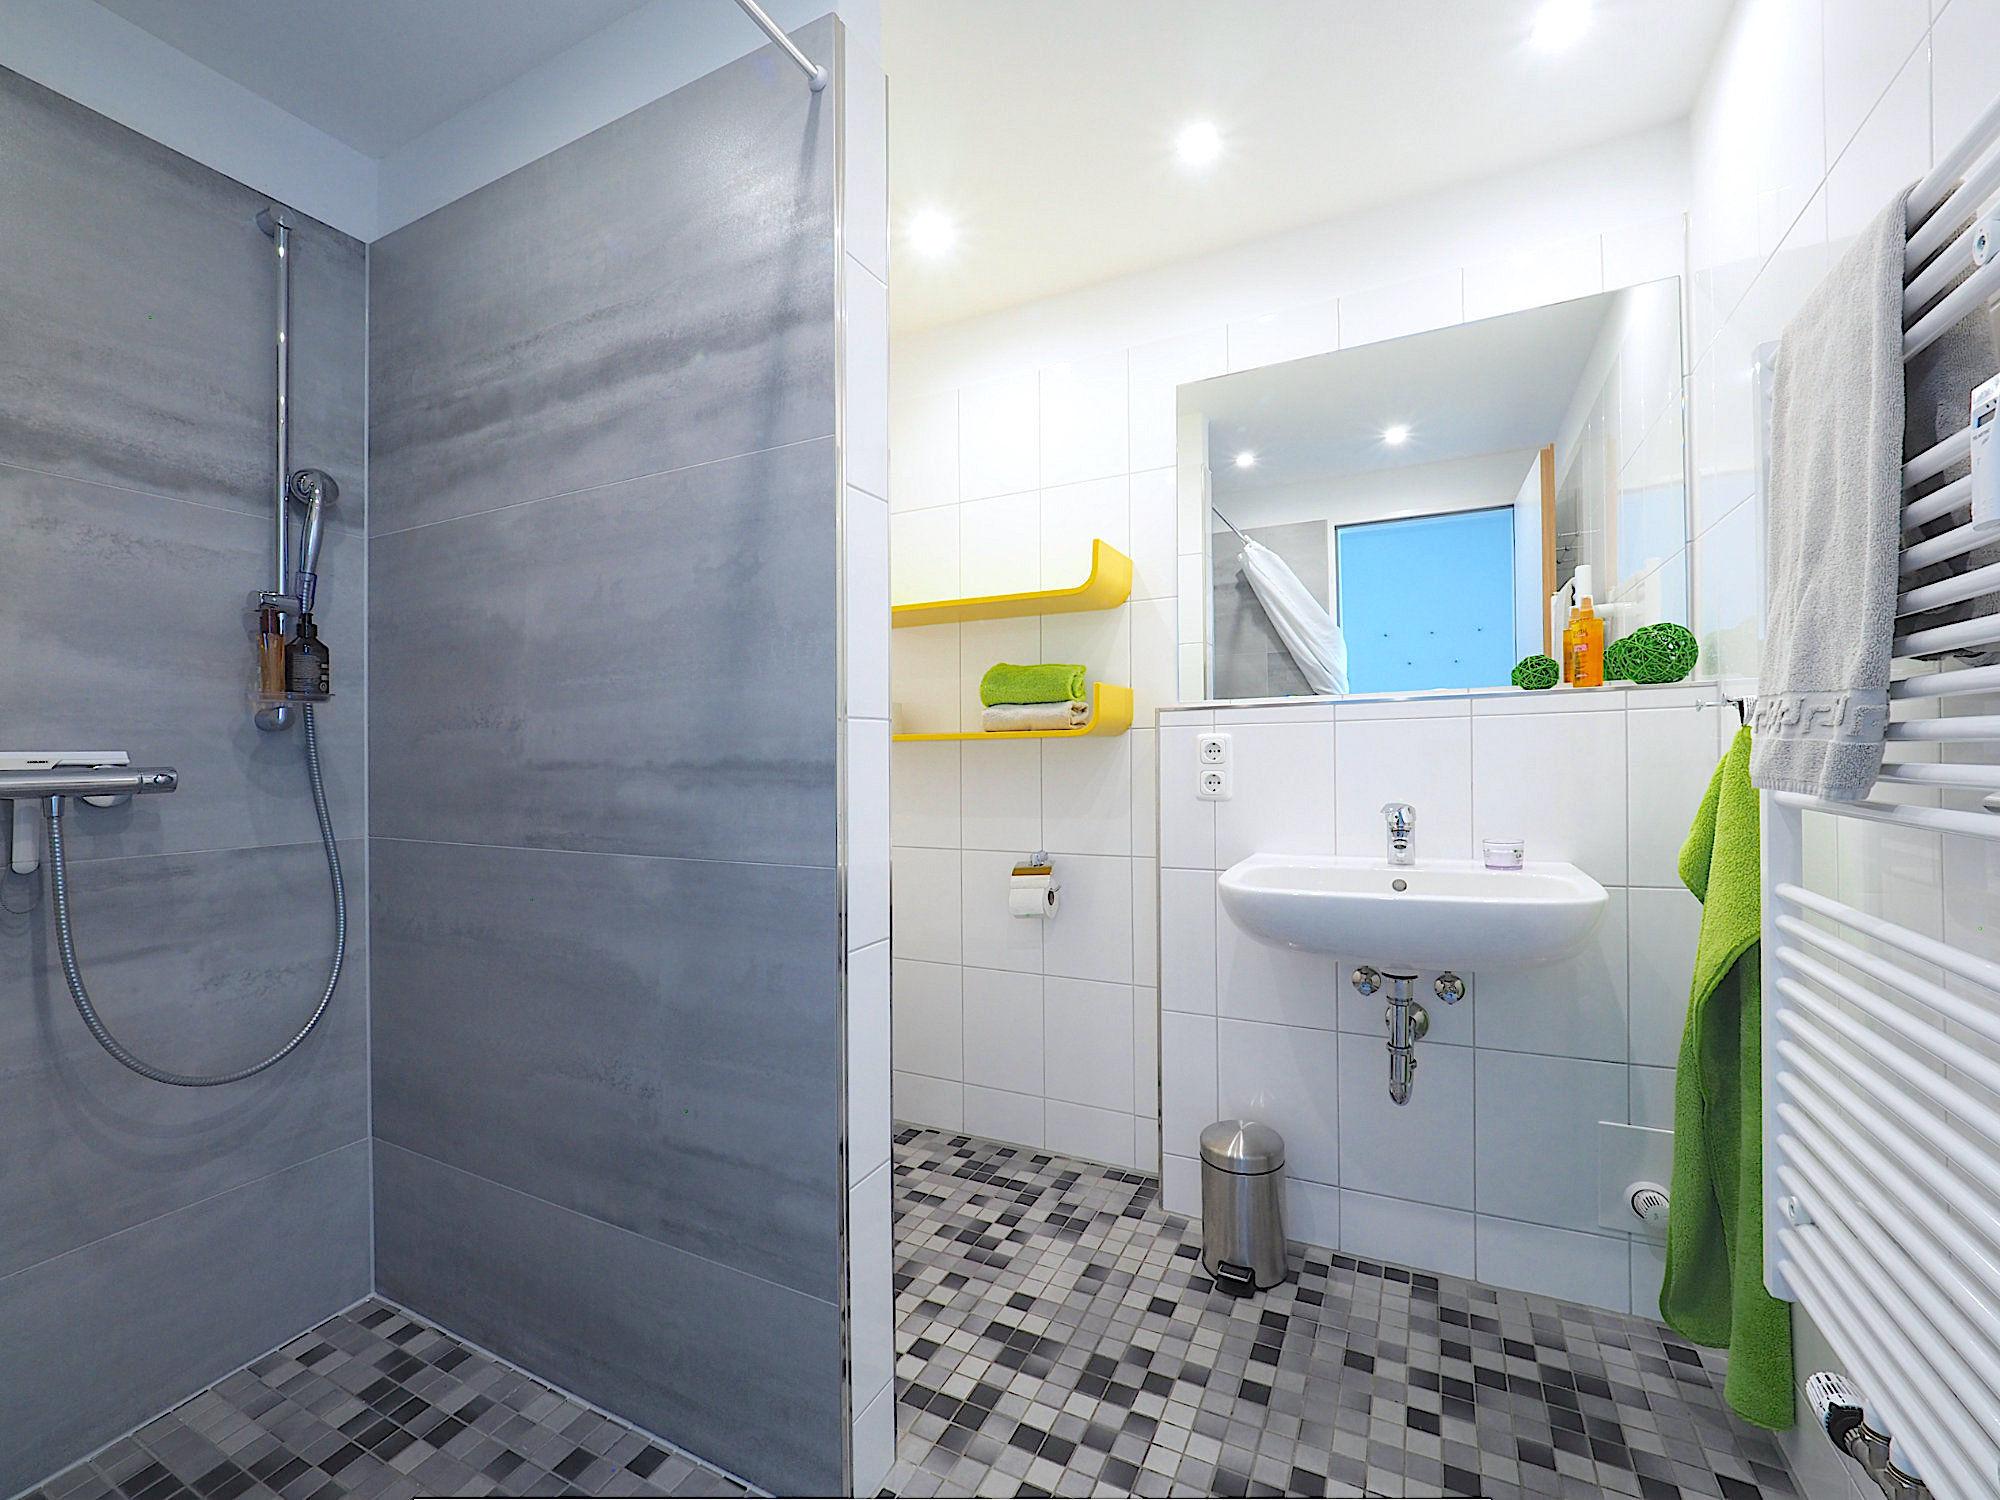 Duschbad mit bodentiefer Dusche, Waschbecken, zwei Regalen und Handtuchheizung